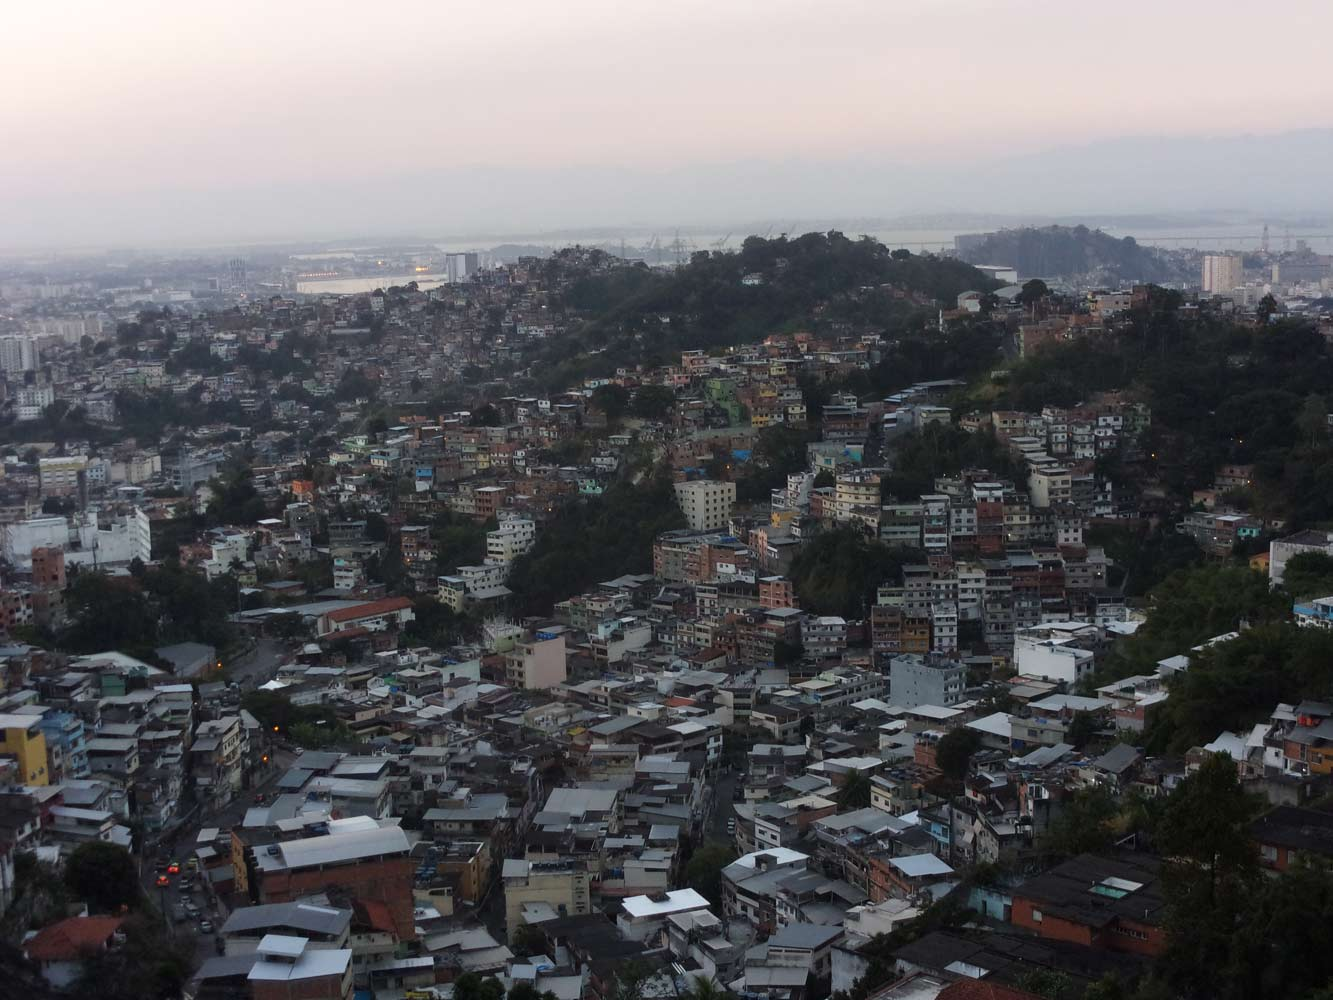 Rio de Janiero Housing